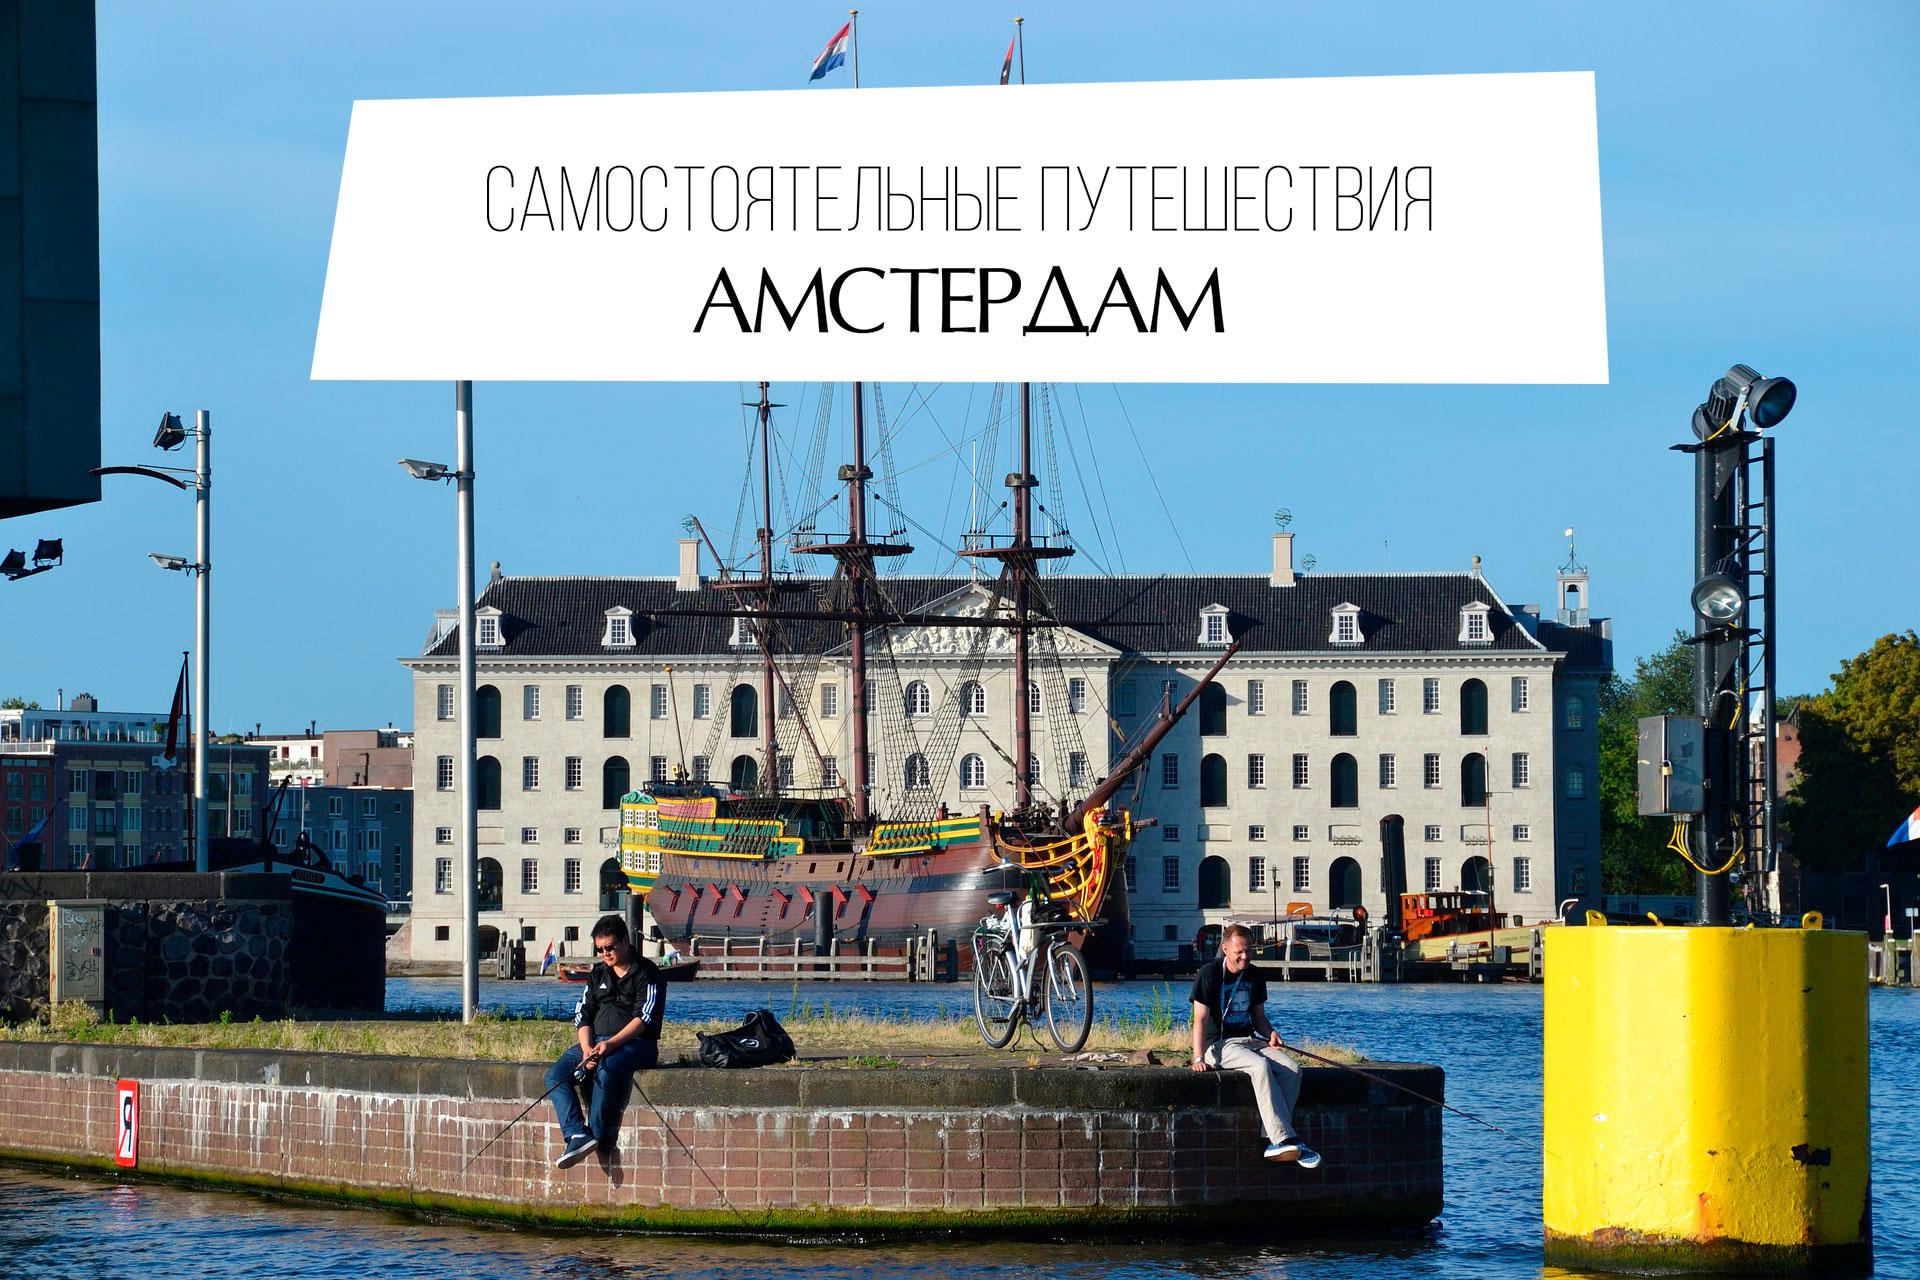 Где остановиться в Амстердаме, Нидерланды – лучшие места и районы